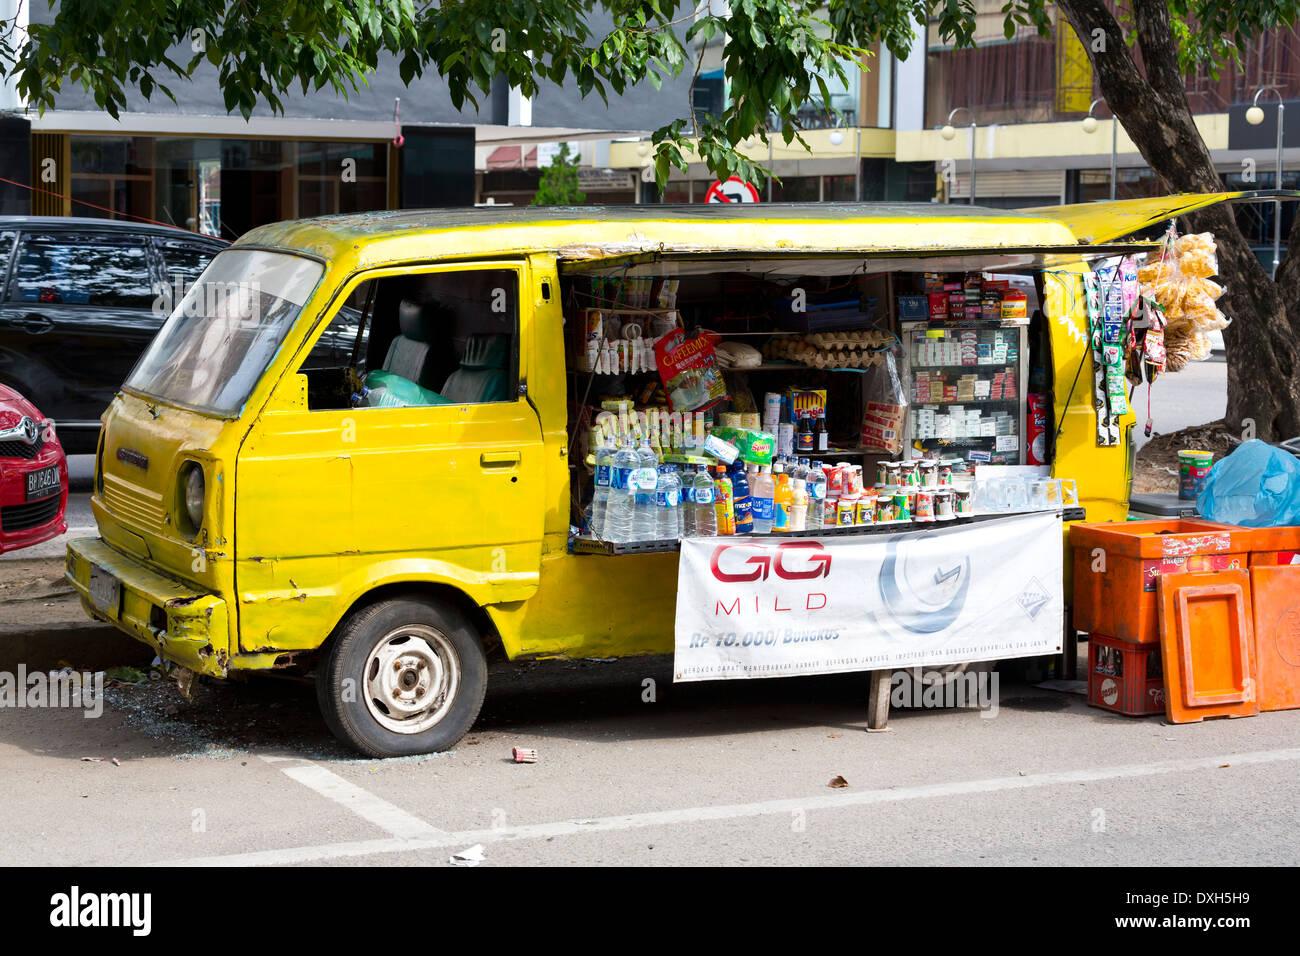 Mobile Kiosk In Nagoya Batam Indonesia Stock Photo Alamy